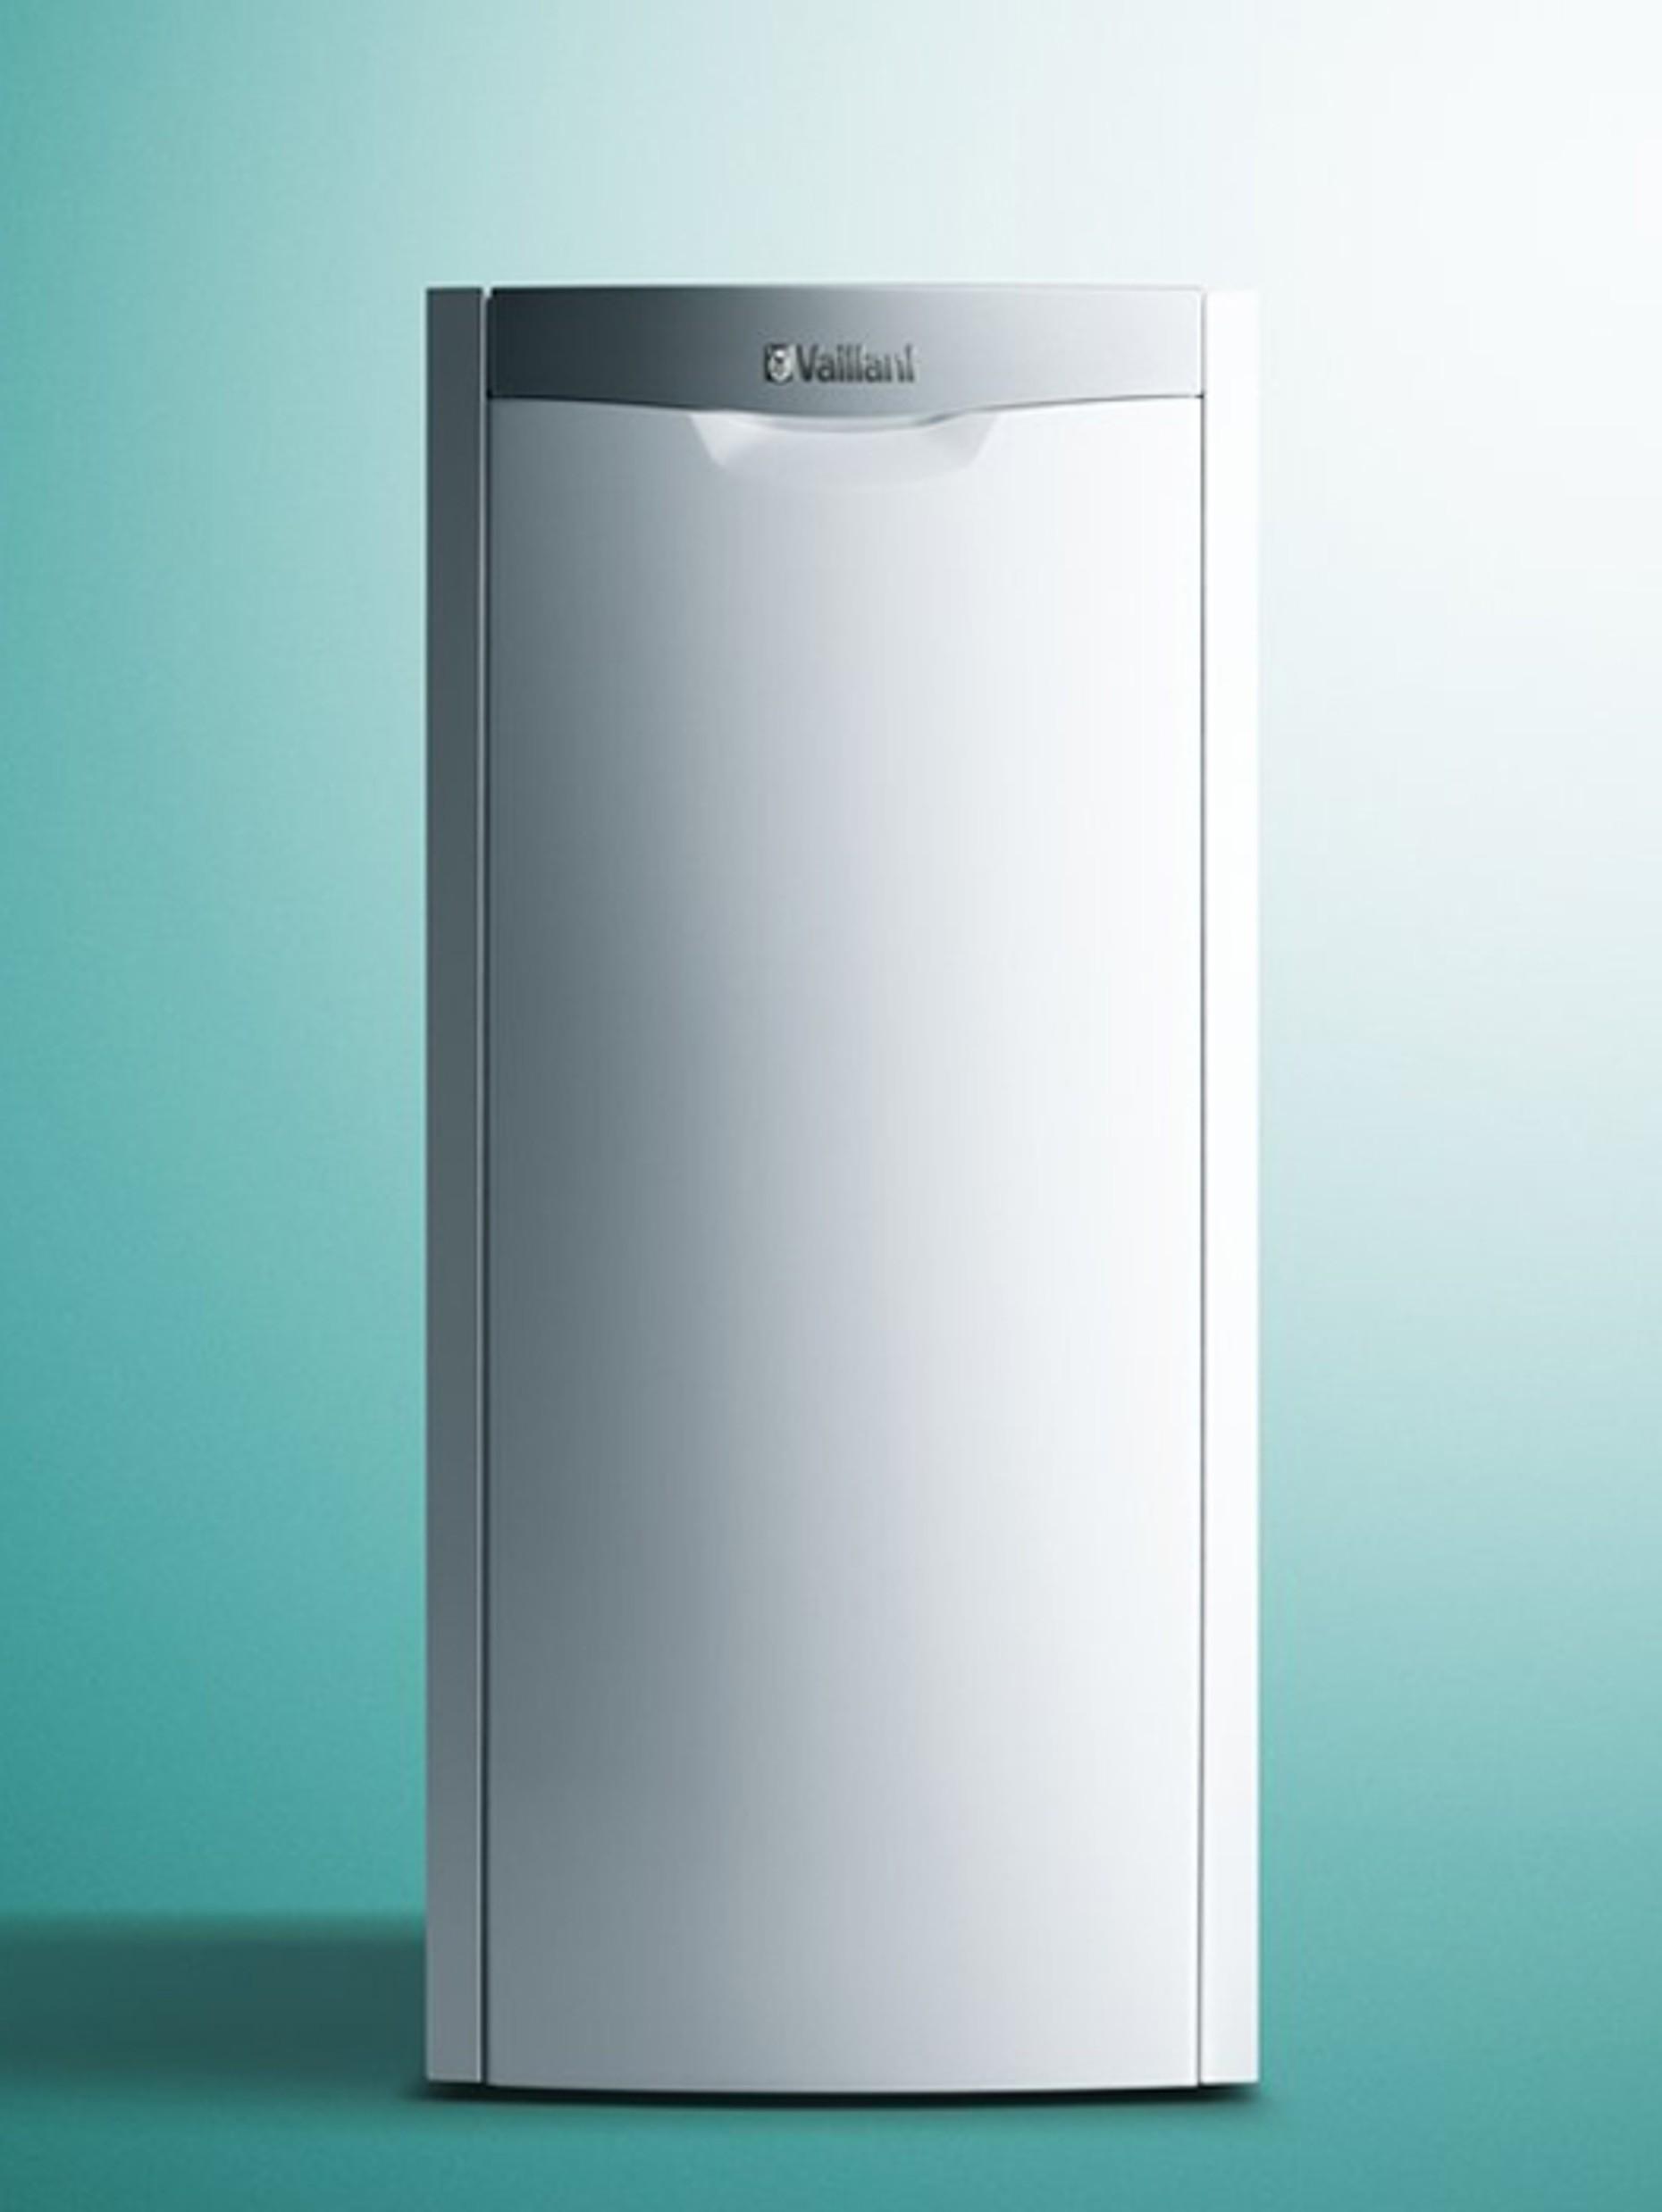 Calderas de pellets para calefaccion y agua sanitaria best caldera condensacin vaillant a - Caldera pellets agua y calefaccion ...